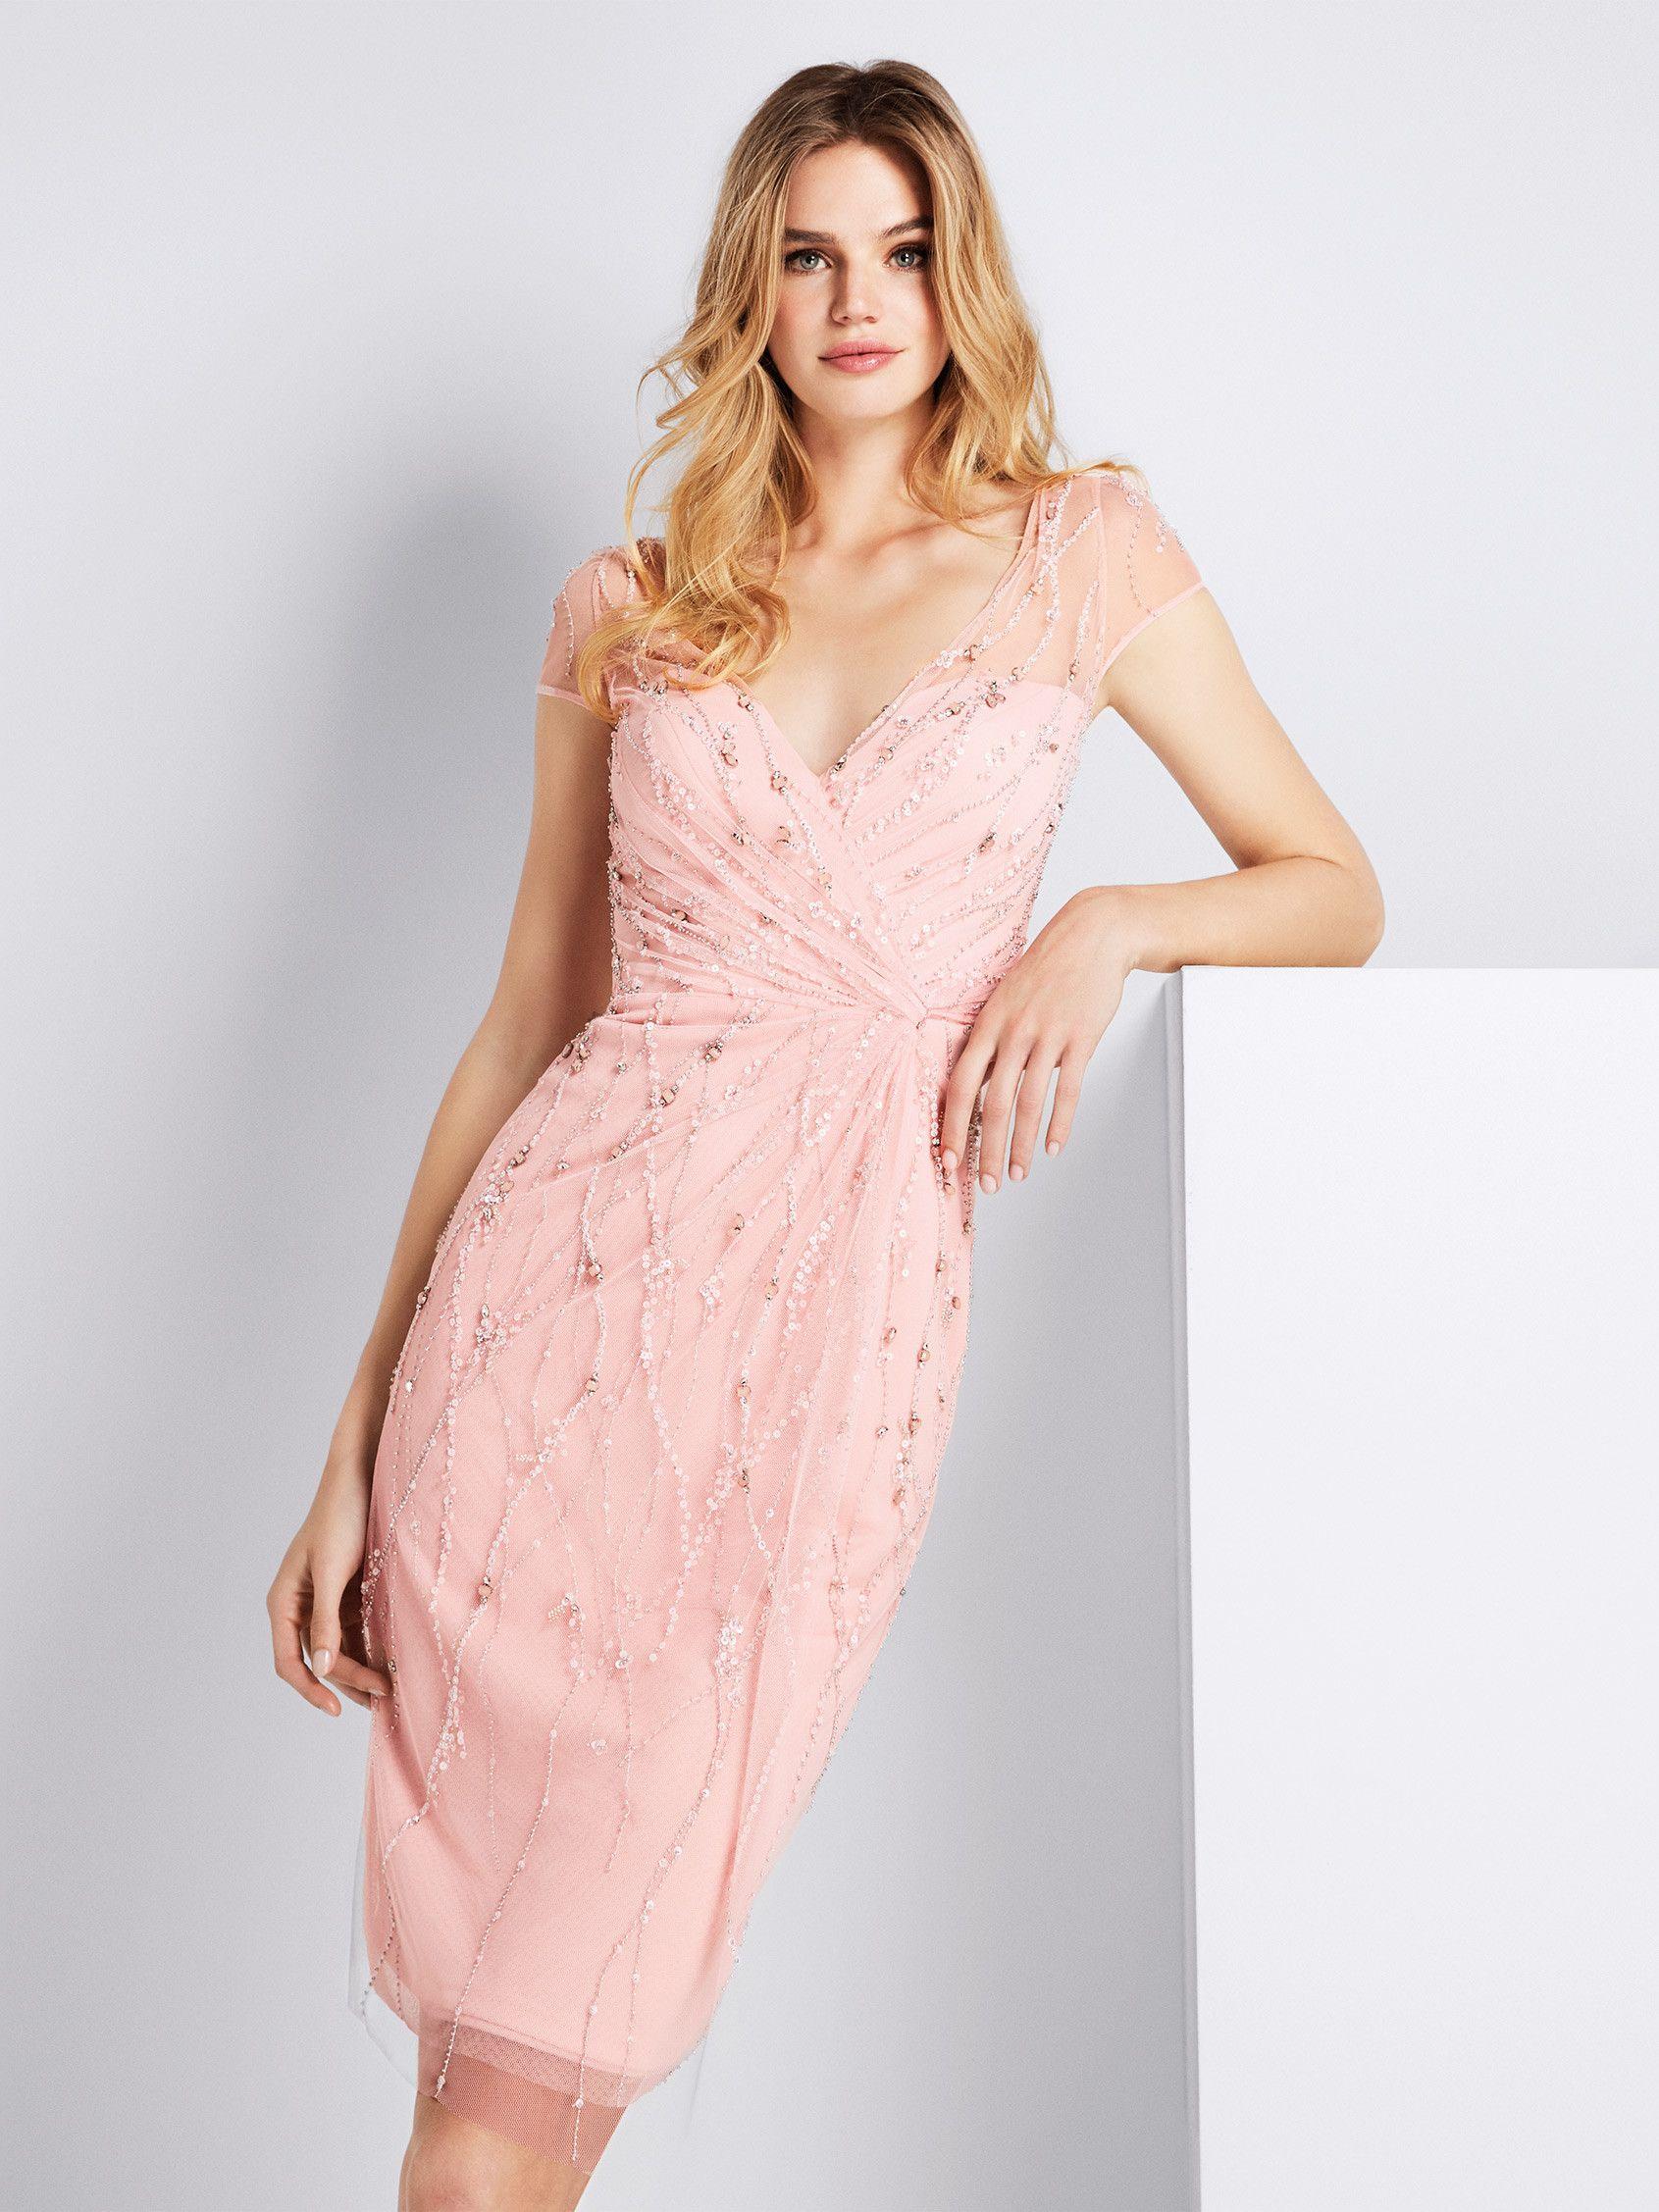 Comprar vestido de fiesta rosa con mangas decoradas | Gilda ...